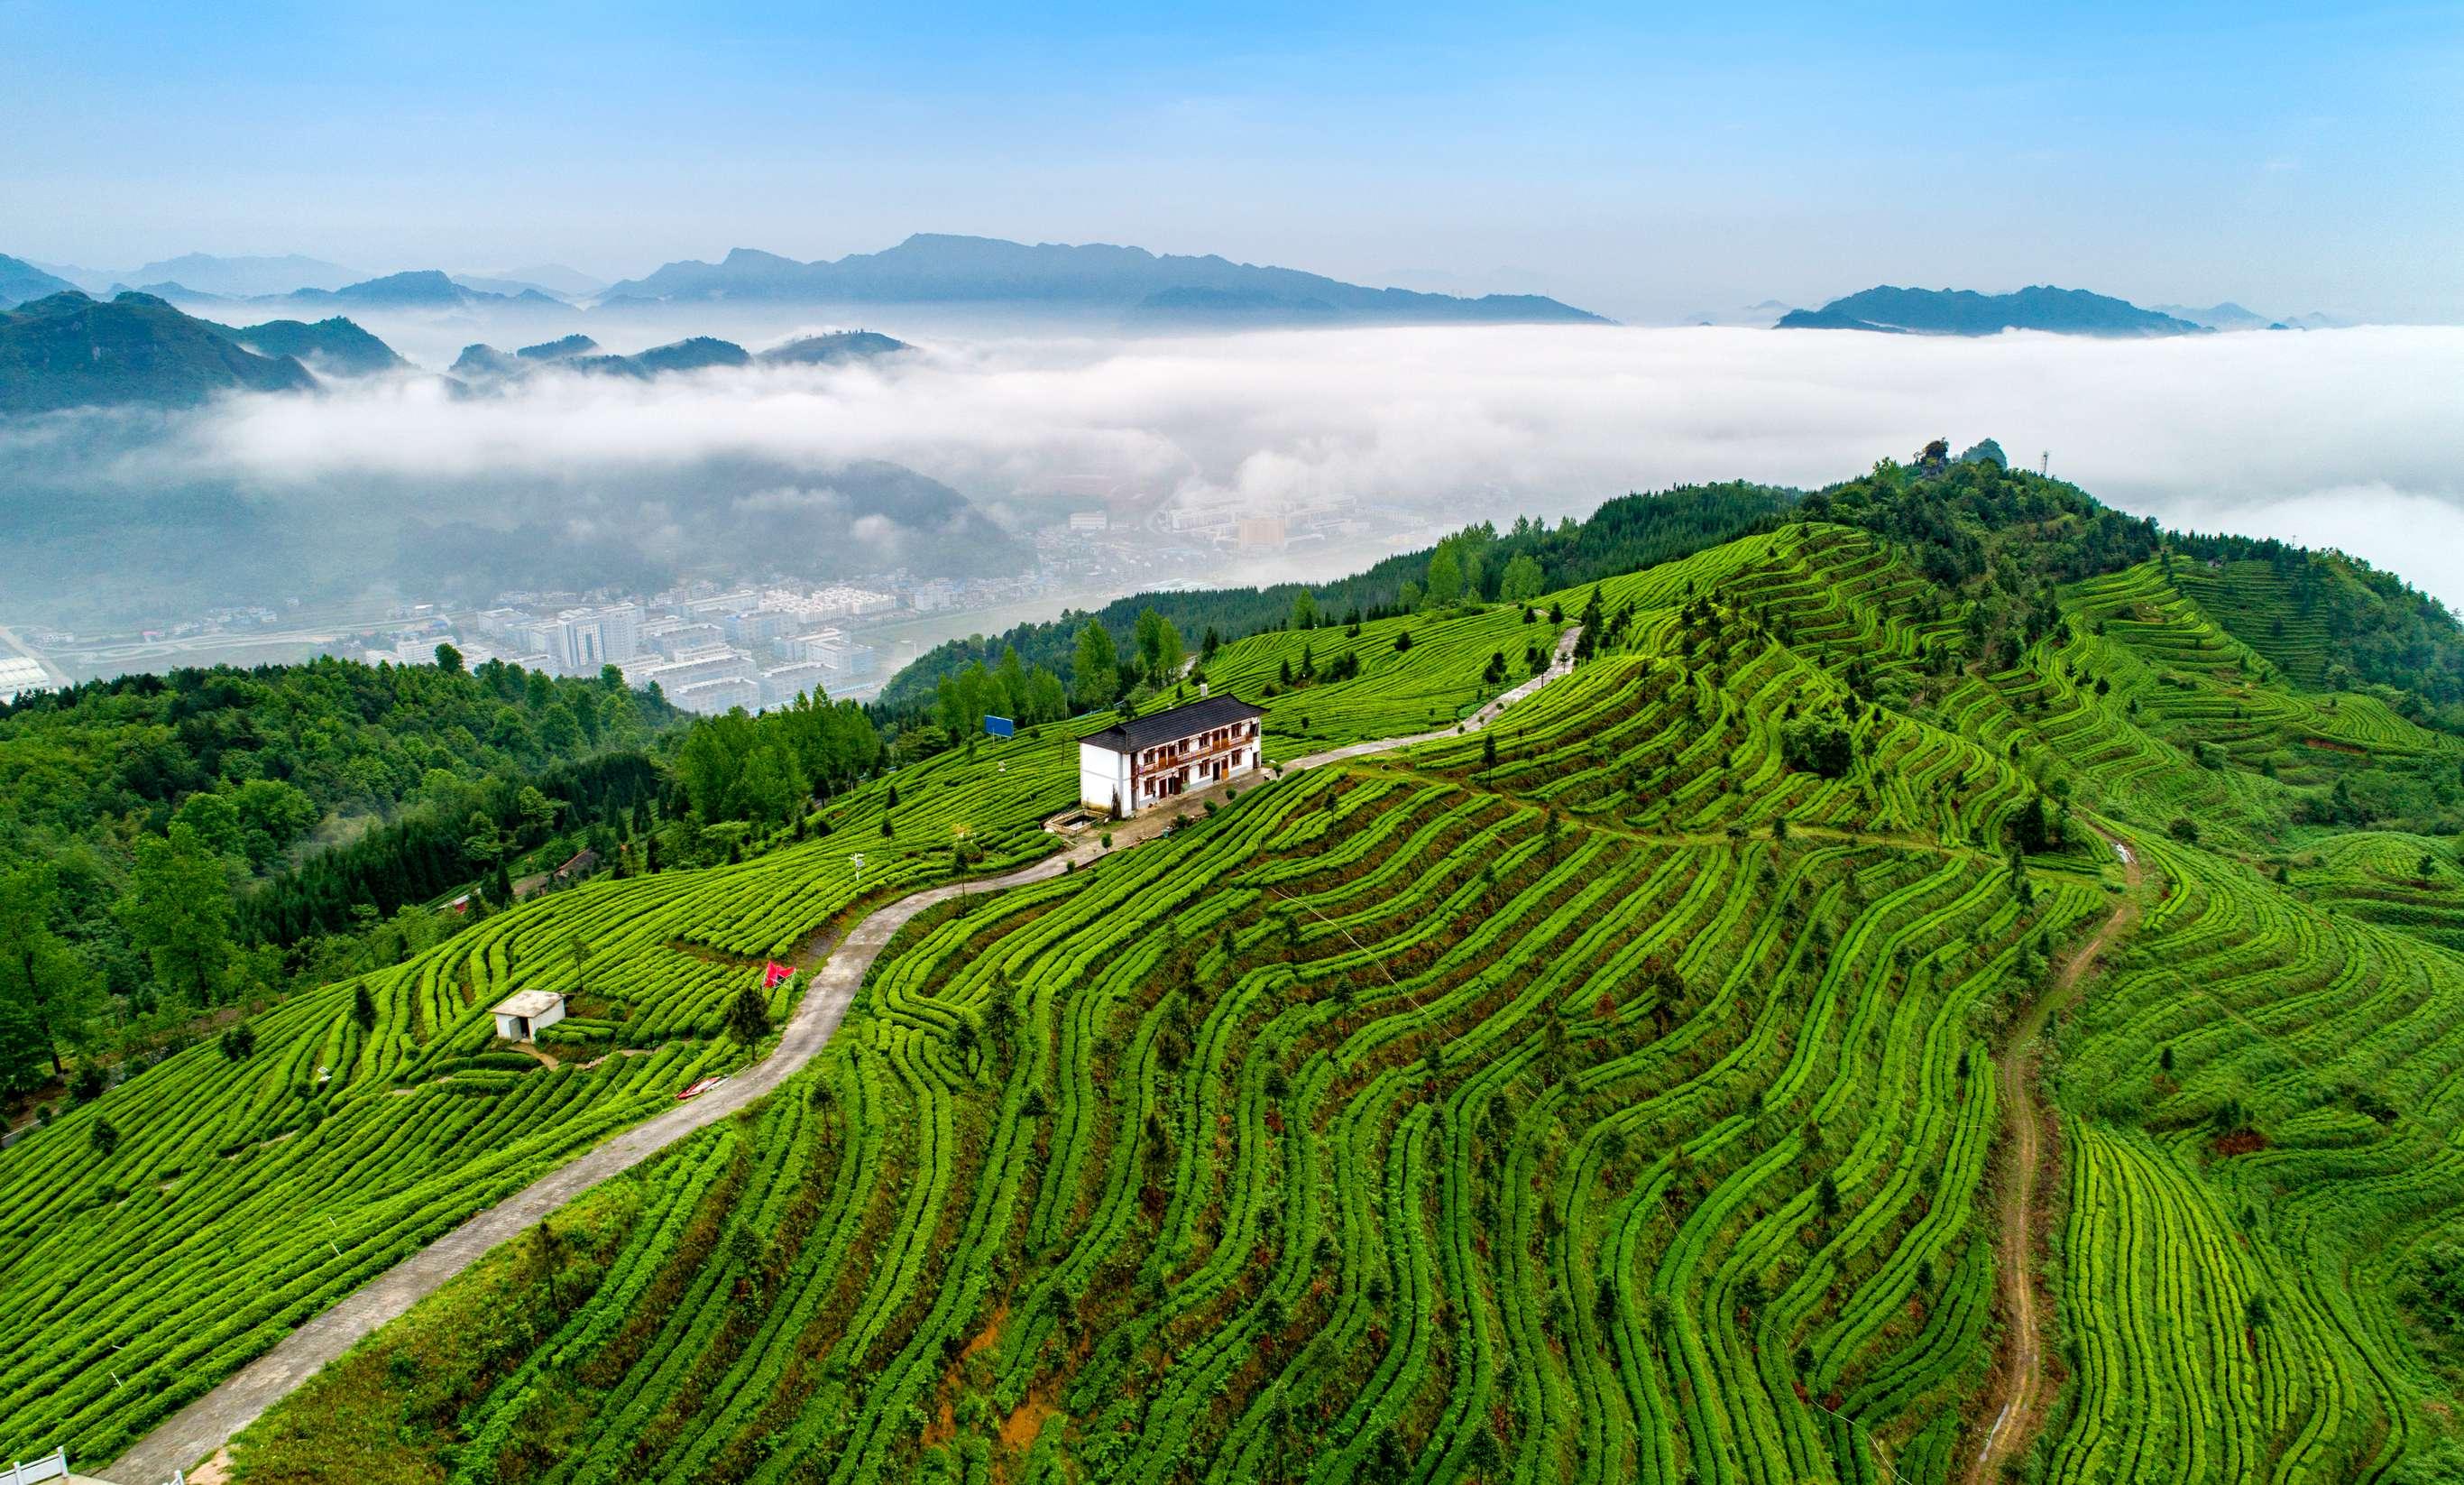 发展迅猛!贵州茶叶相关企业注册量近十年猛增653% 遵义居首